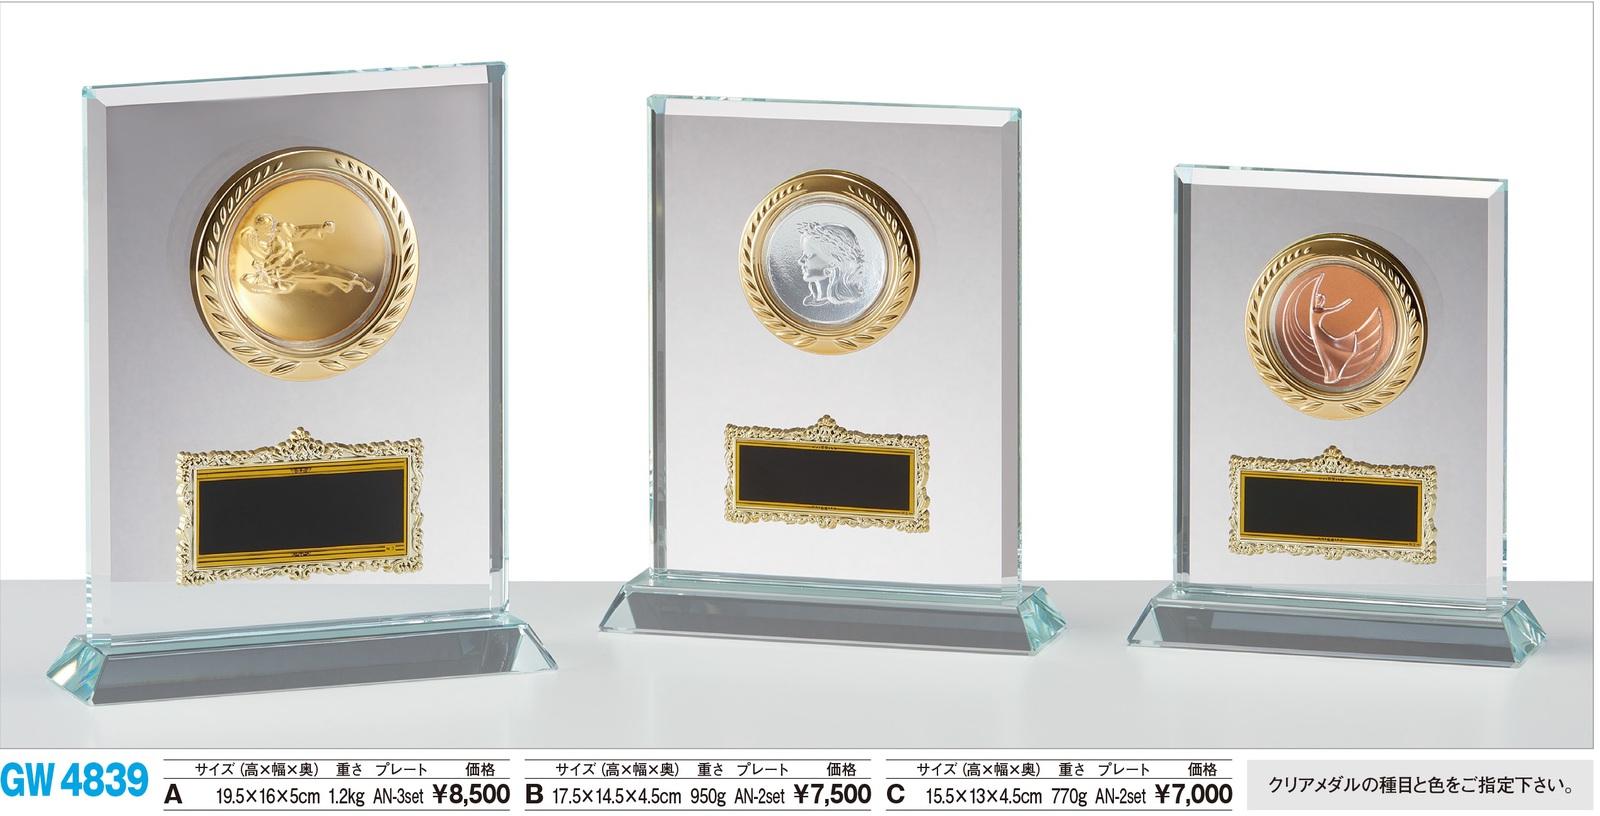 トロフィー工房のトロフィーは メーカー在庫限り品 リボン無料 1年保証 高品質レーザー印字無料 10000円以上お買い上げで送料無料 グランツクリスタル GW4839C AN-2set